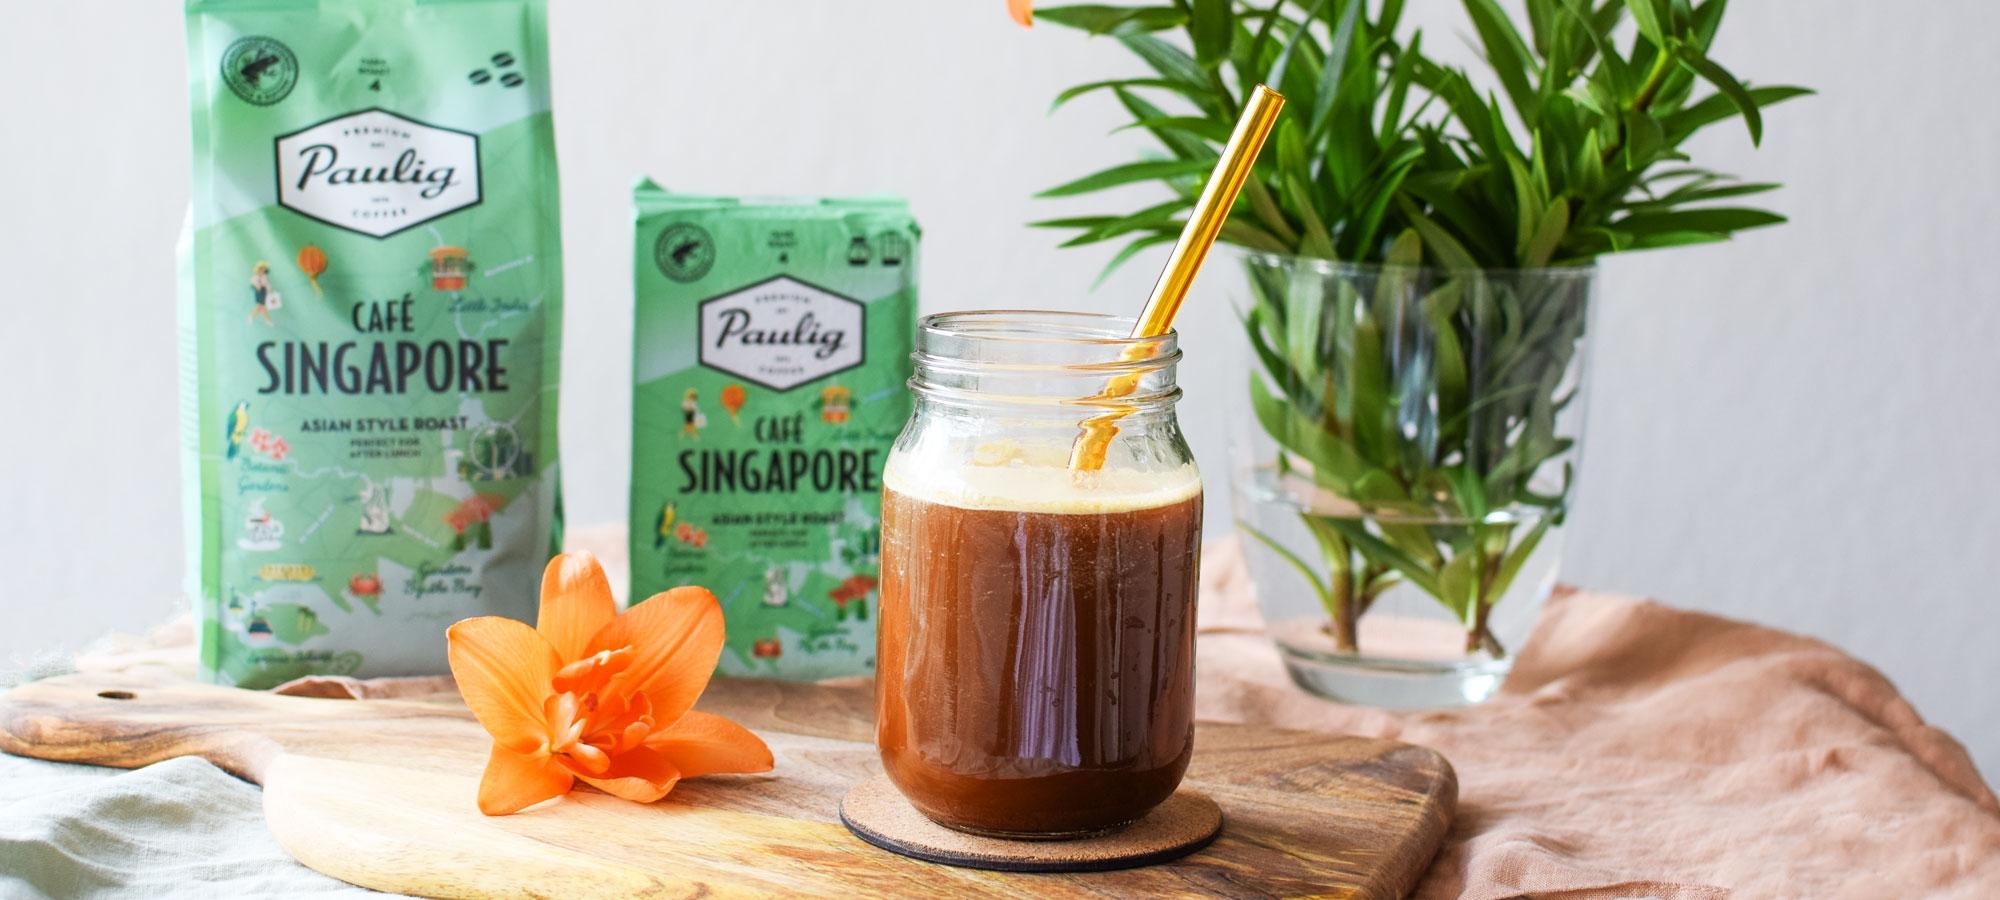 Vegaaninen kookos frappe valmistuu ihanasta uutuus-kaupunkikahvista Café Singaporesta ja kondensoidusta kookosmaidosta